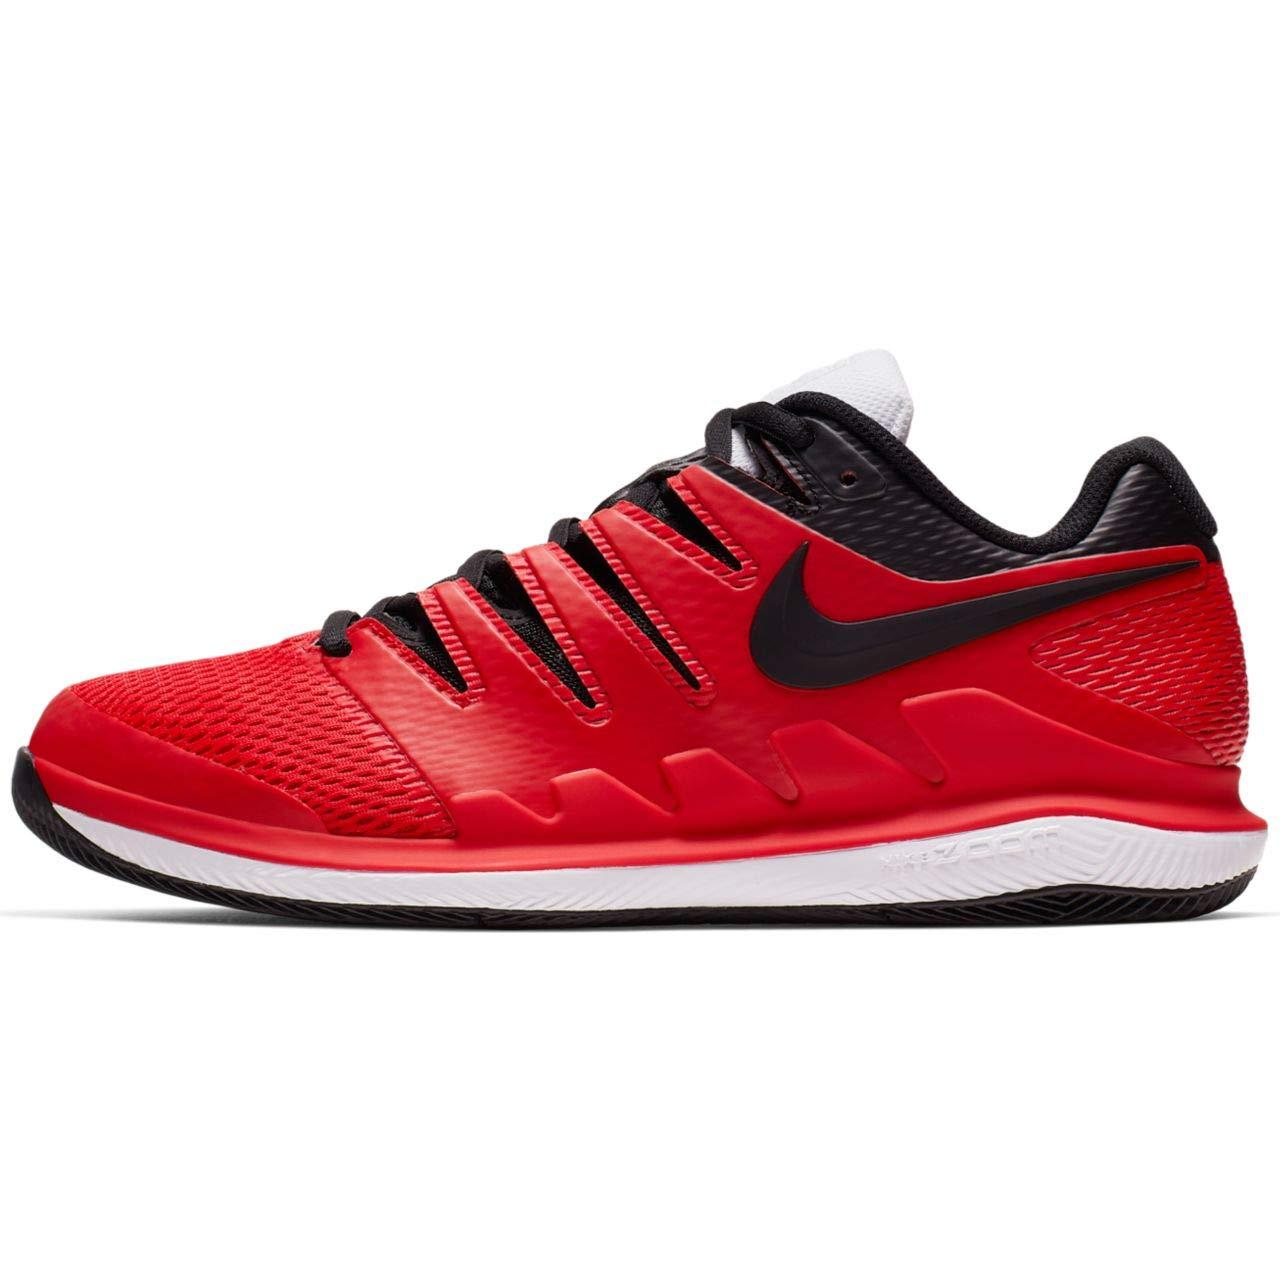 MultiCouleure (University rouge noir blanc 000) Nike Air Zoom Vapor X HC, Chaussures de Tennis Homme 47 EU